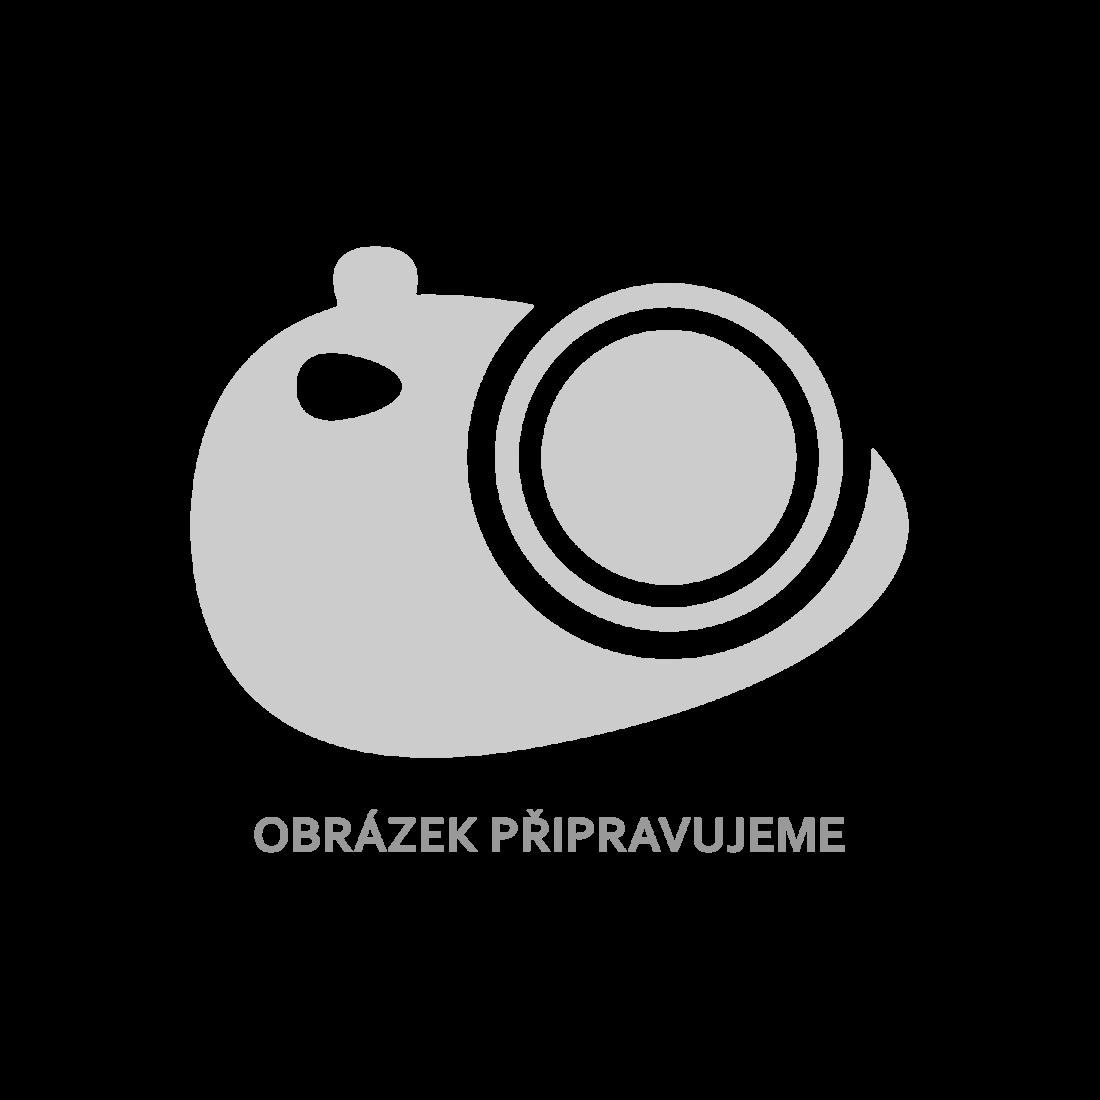 vidaXL Mozaikový bistro stolek šedý 61 cm keramika [46715]